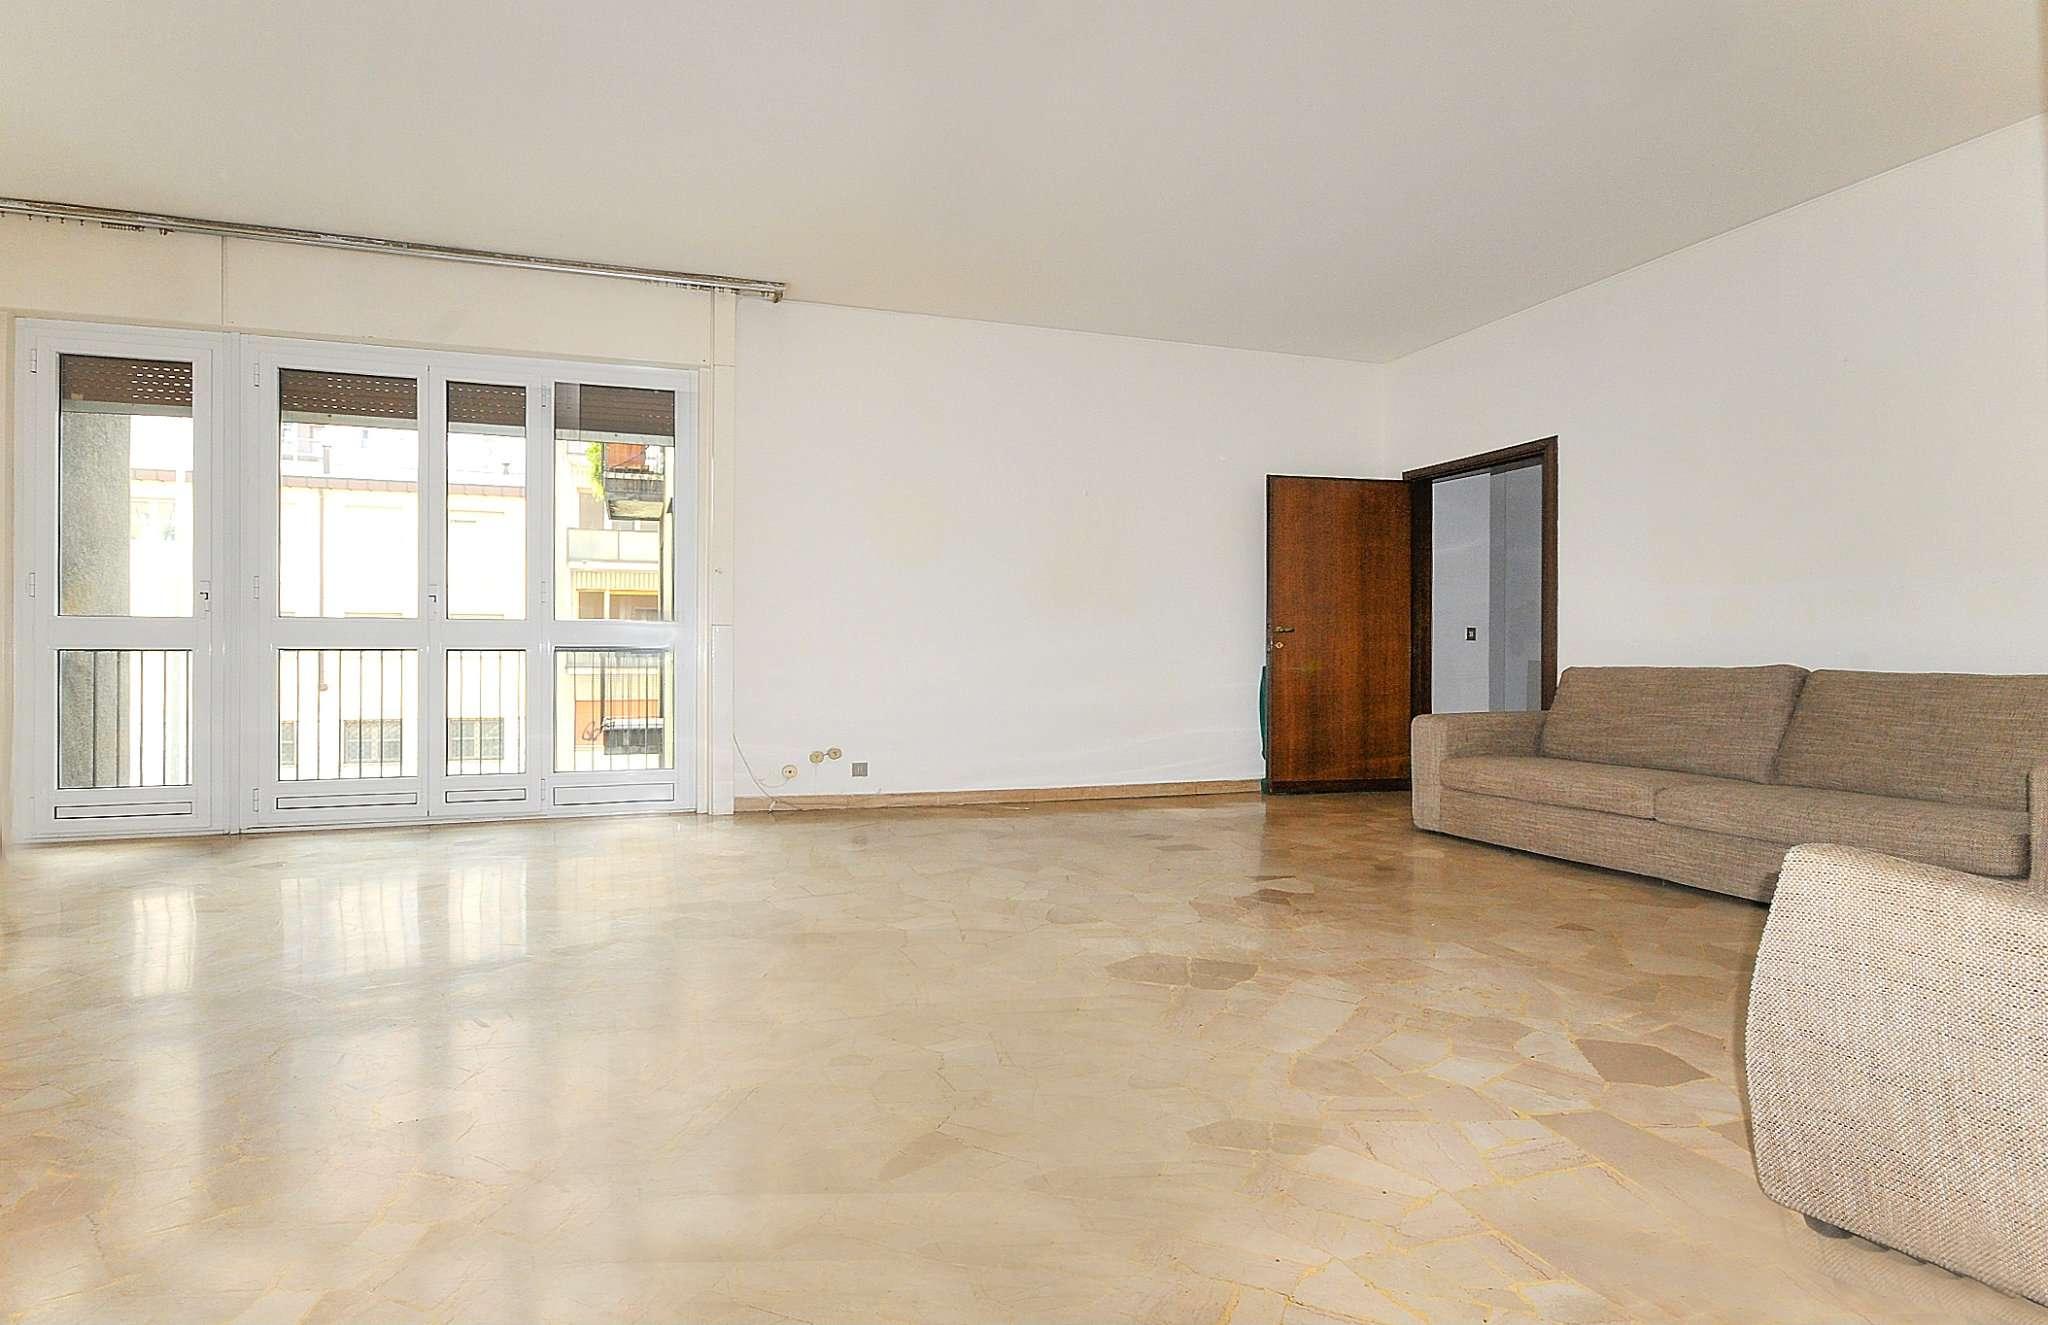 Appartamento in vendita a Milano, 4 locali, zona Zona: 15 . Fiera, Firenze, Sempione, Pagano, Amendola, Paolo Sarpi, Arena, prezzo € 750.000 | CambioCasa.it